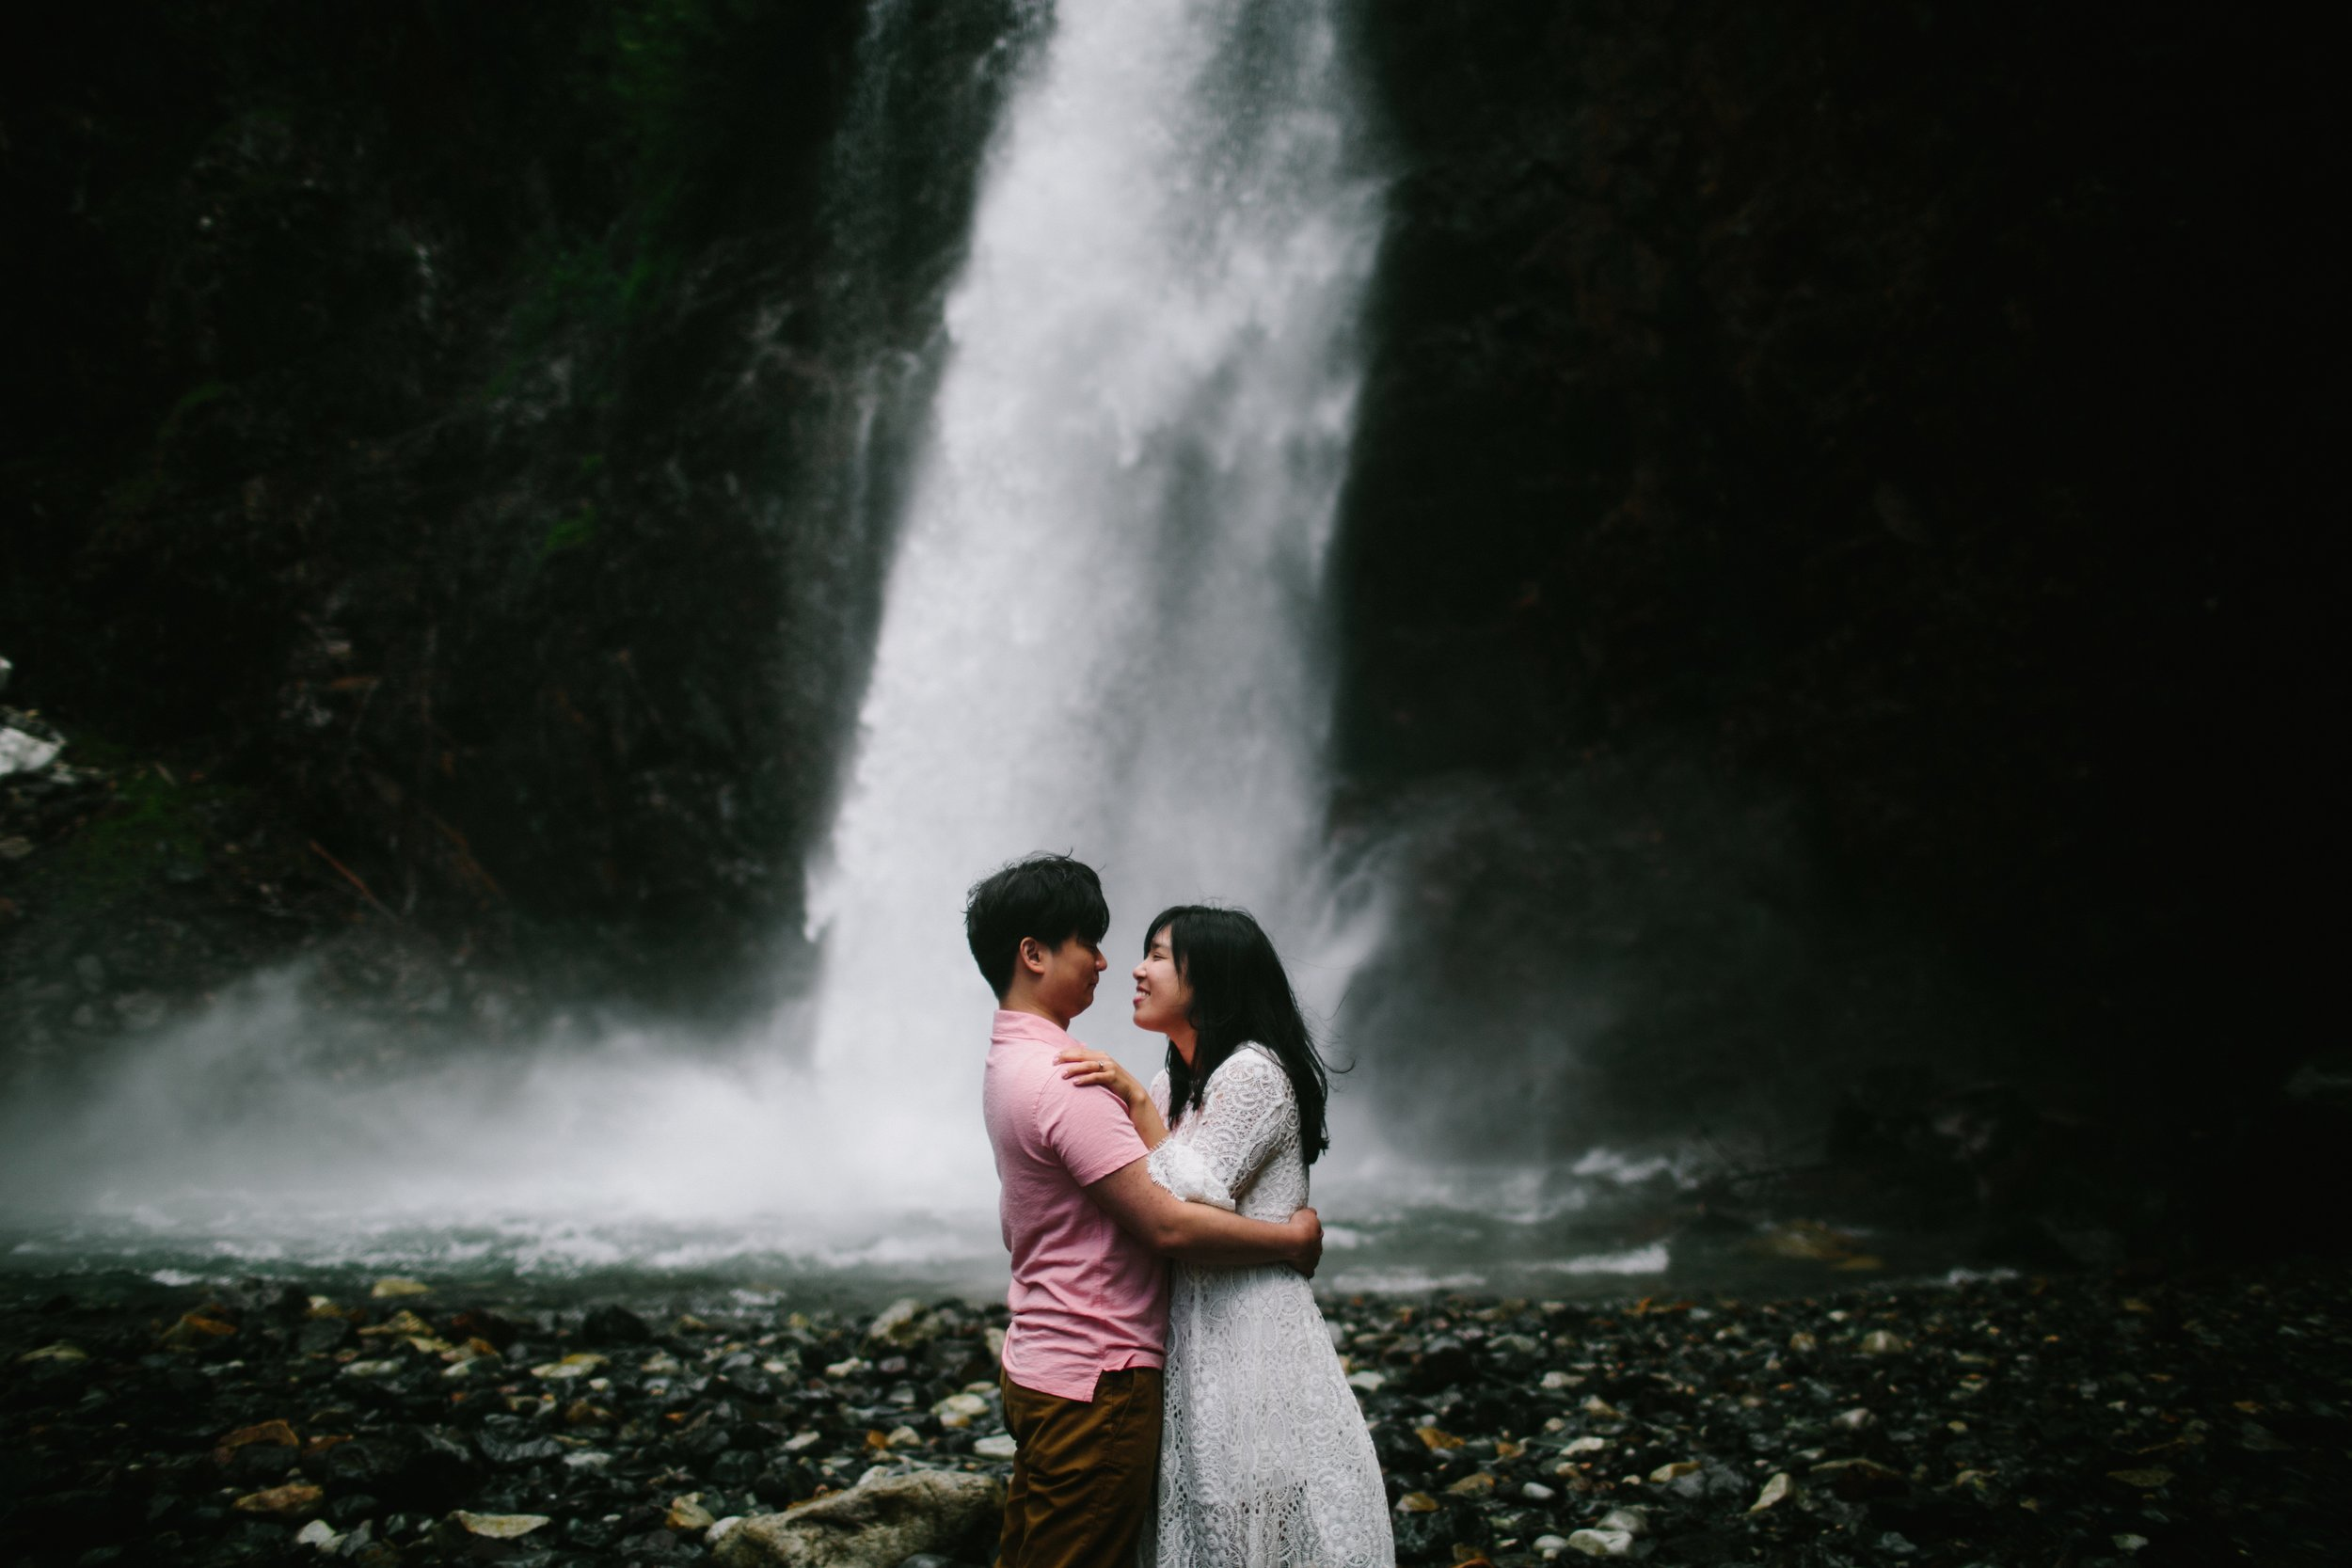 Hana & Jinsub / Franklin Falls